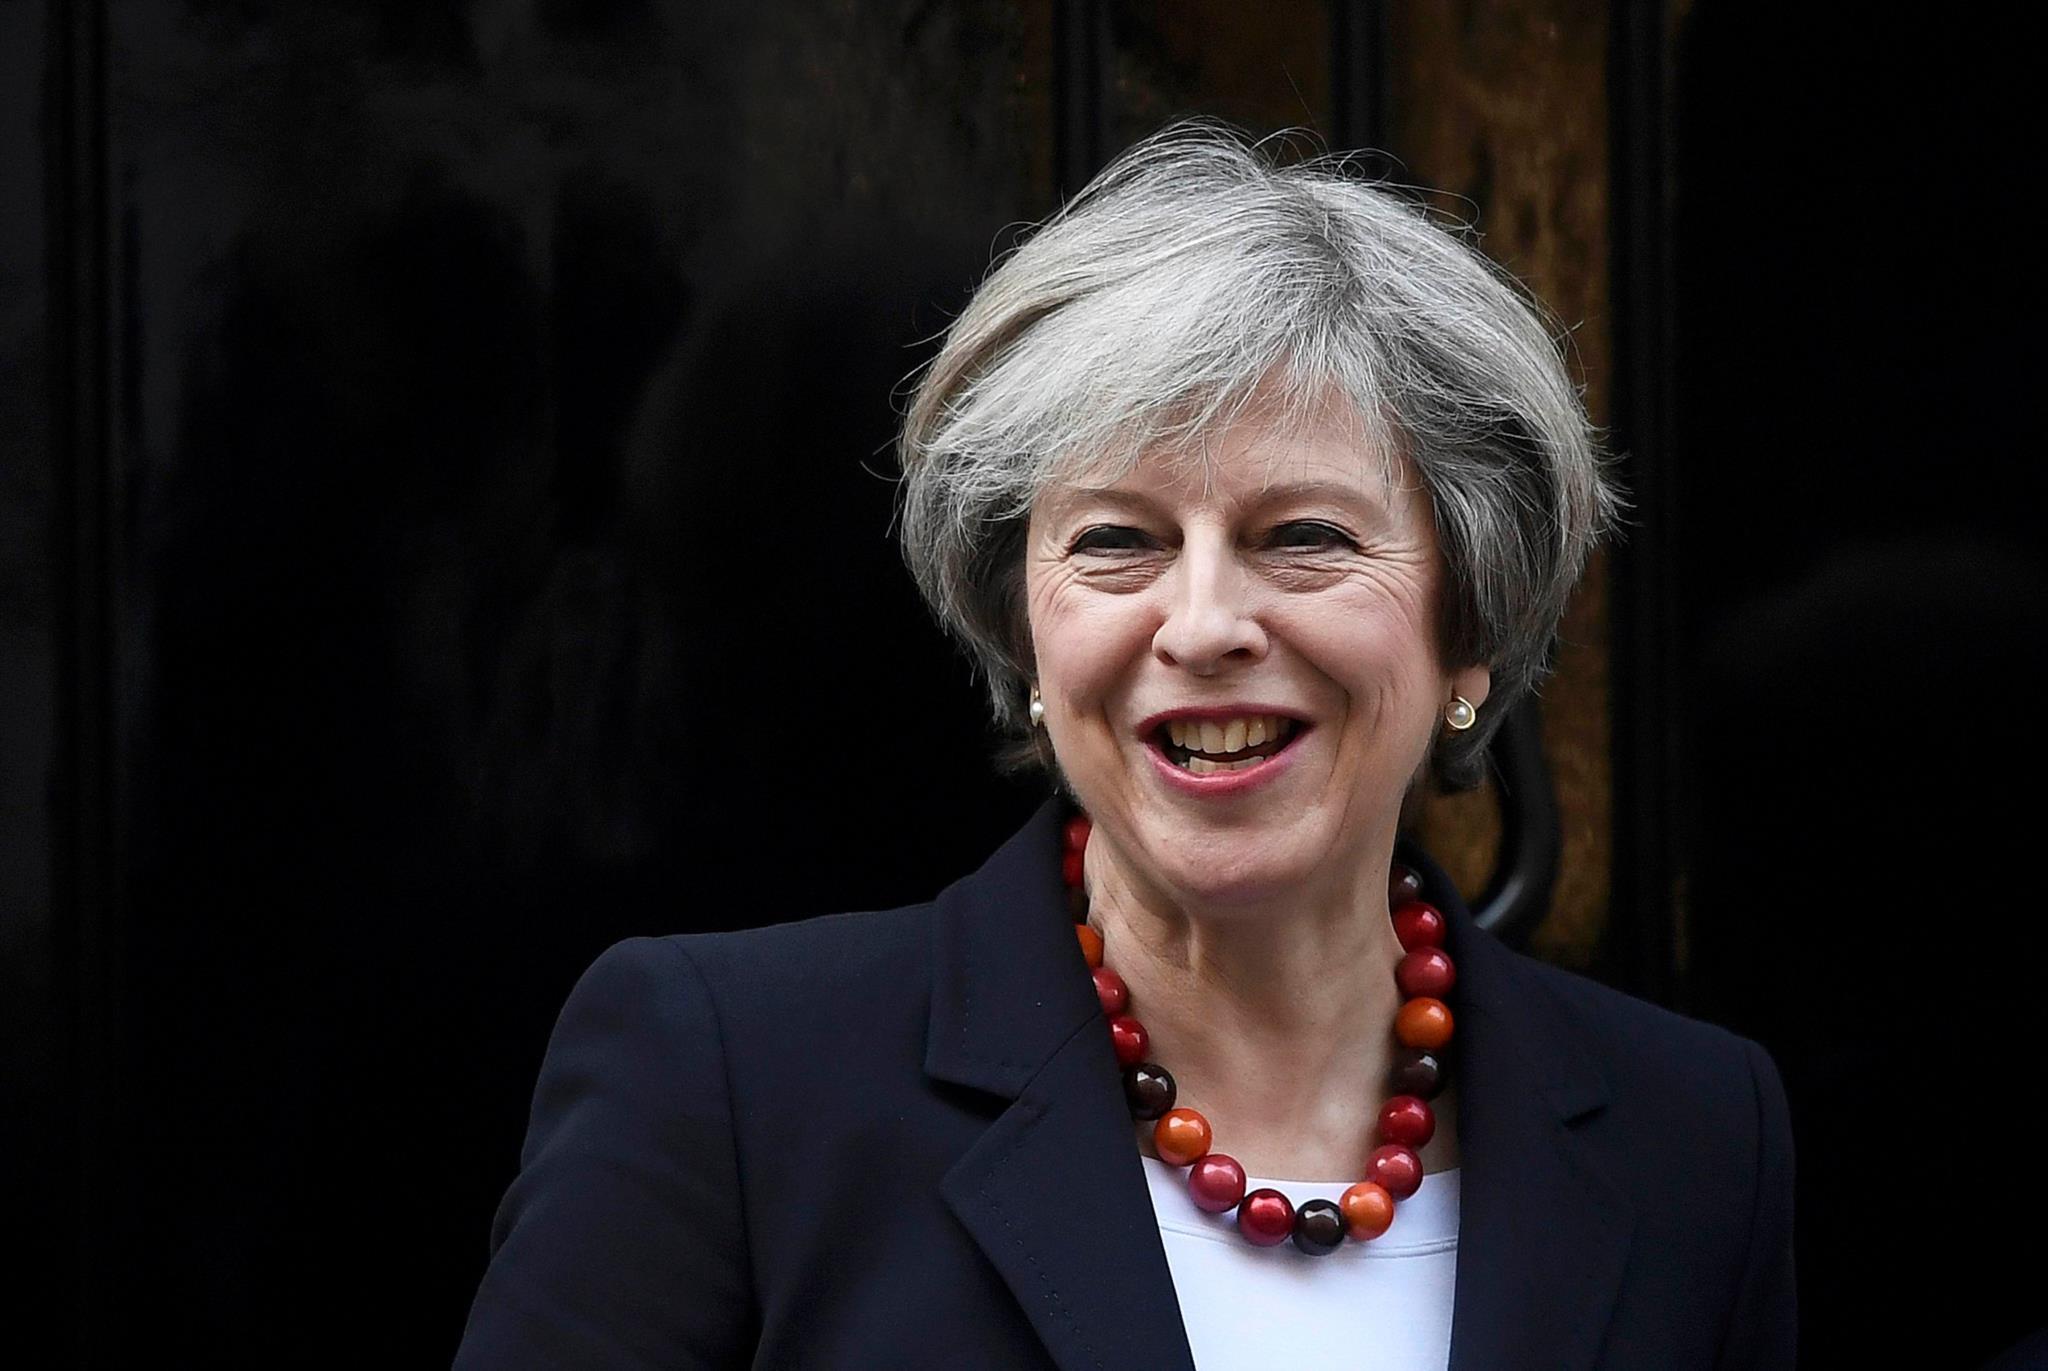 PÚBLICO - Câmara dos Lordes ameaça planos de May sobre direitos dos cidadãos da UE